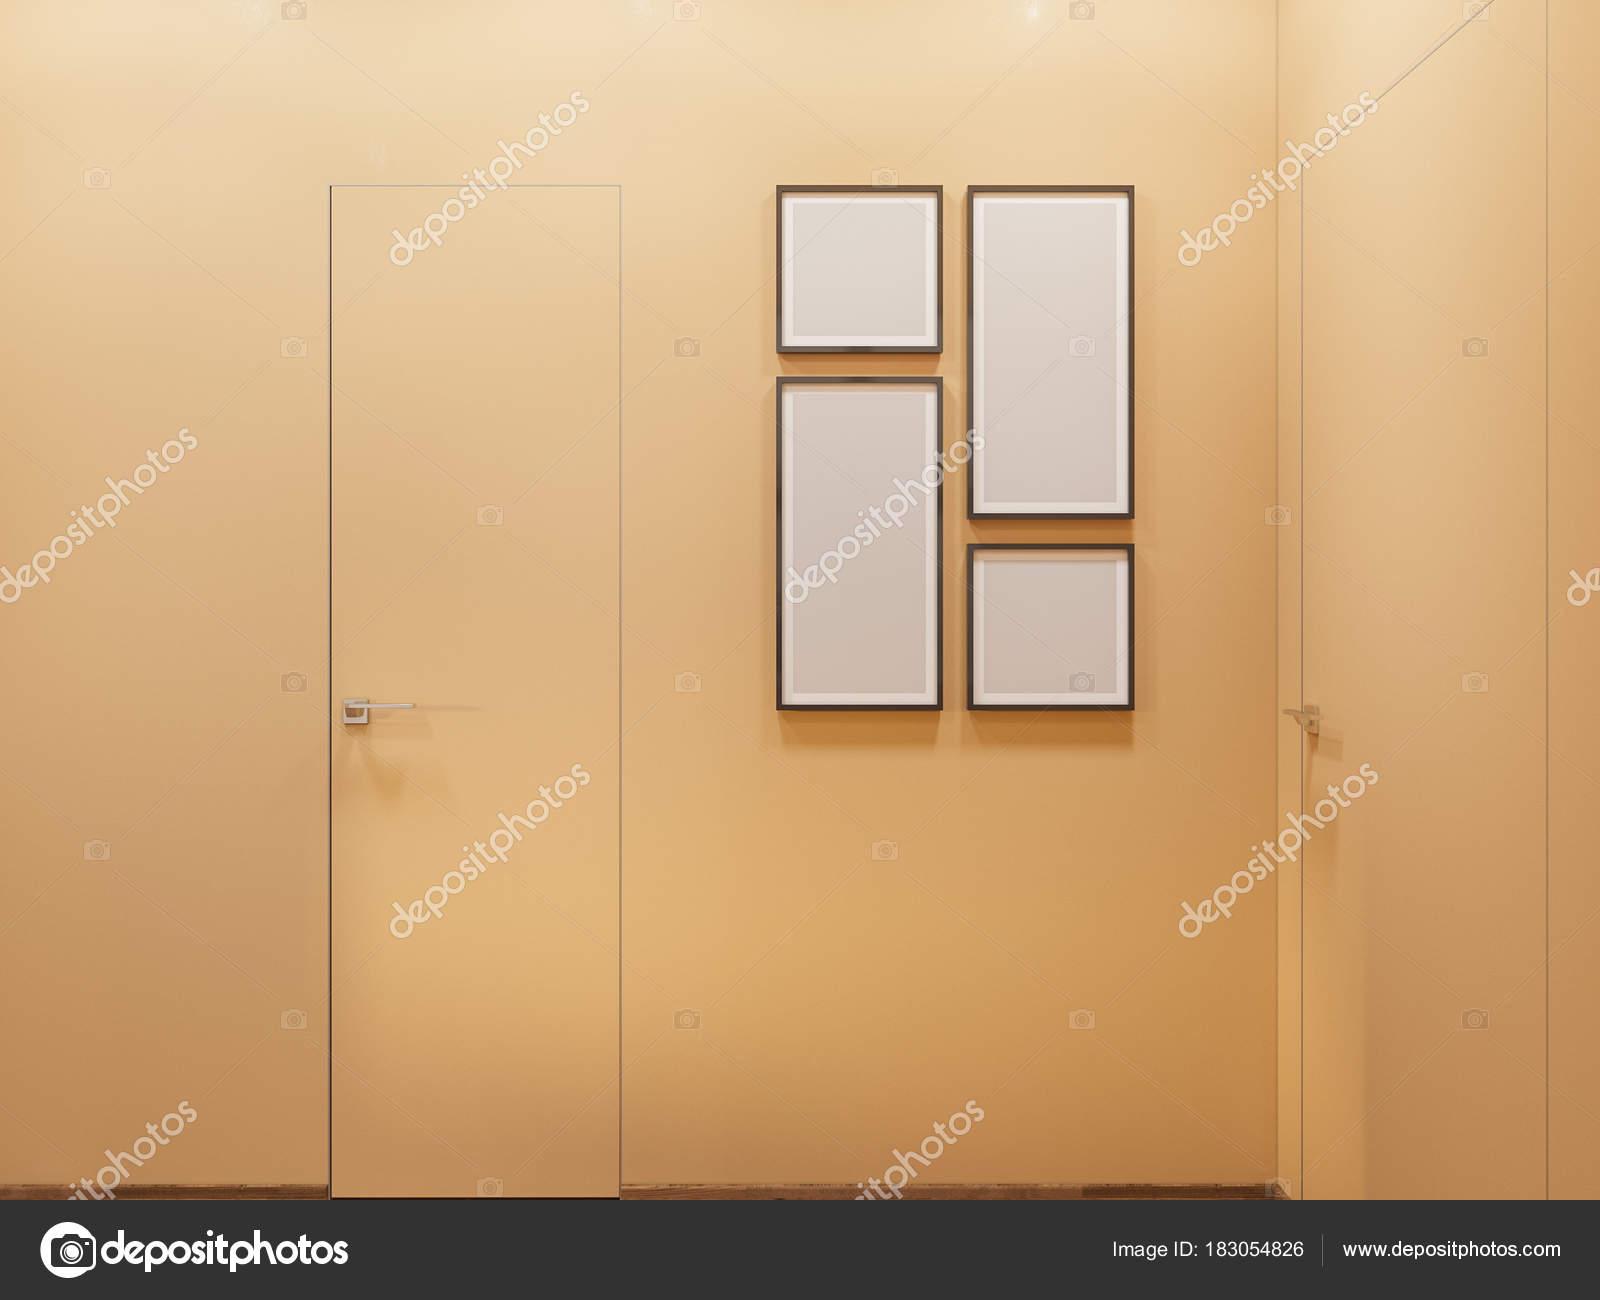 Architecturale render van de interieur corridor in warme kleuren